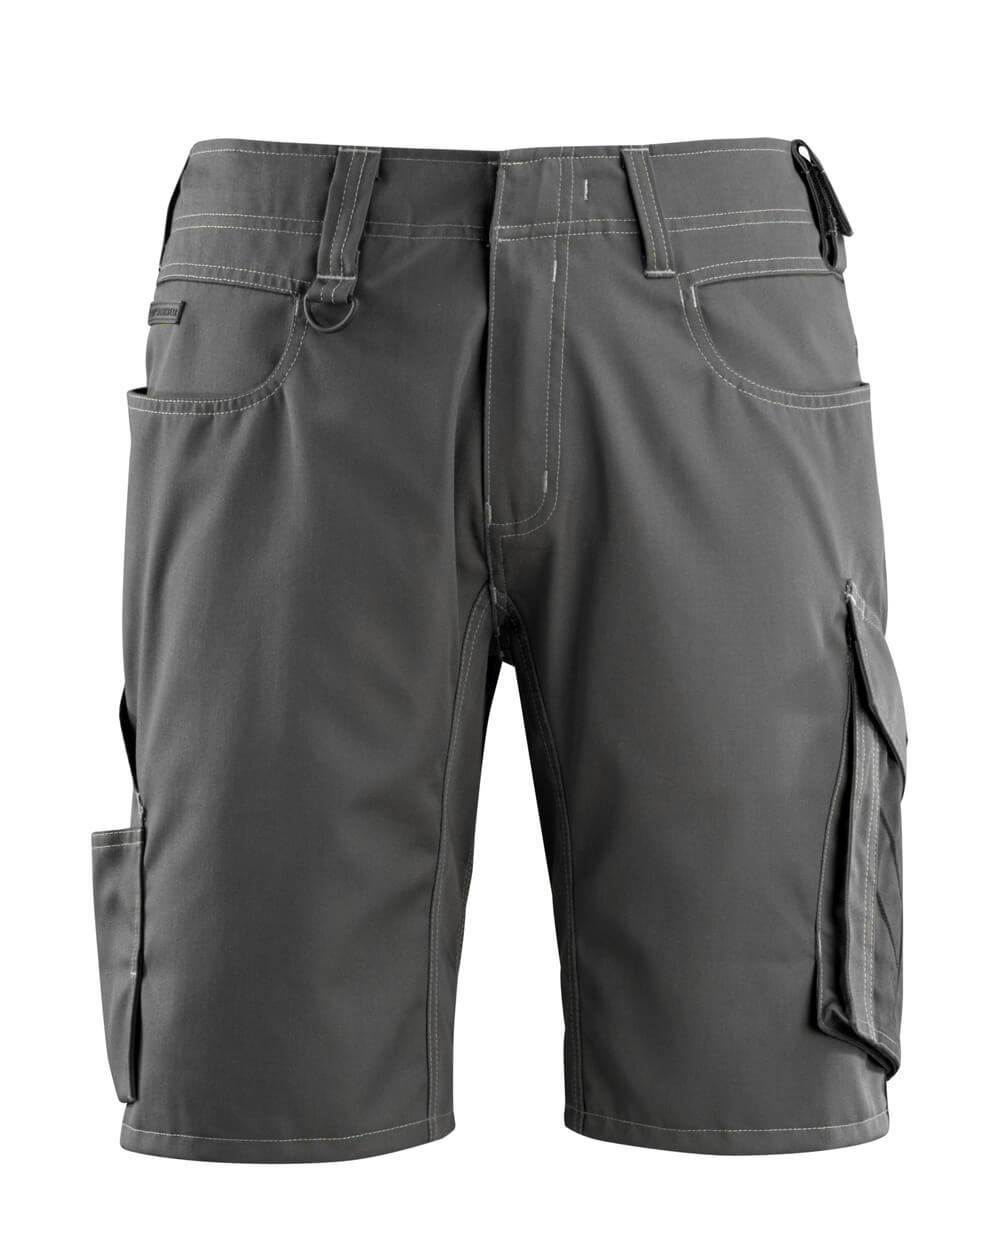 12049-442-1809 Shorts - mørk antracit/sort